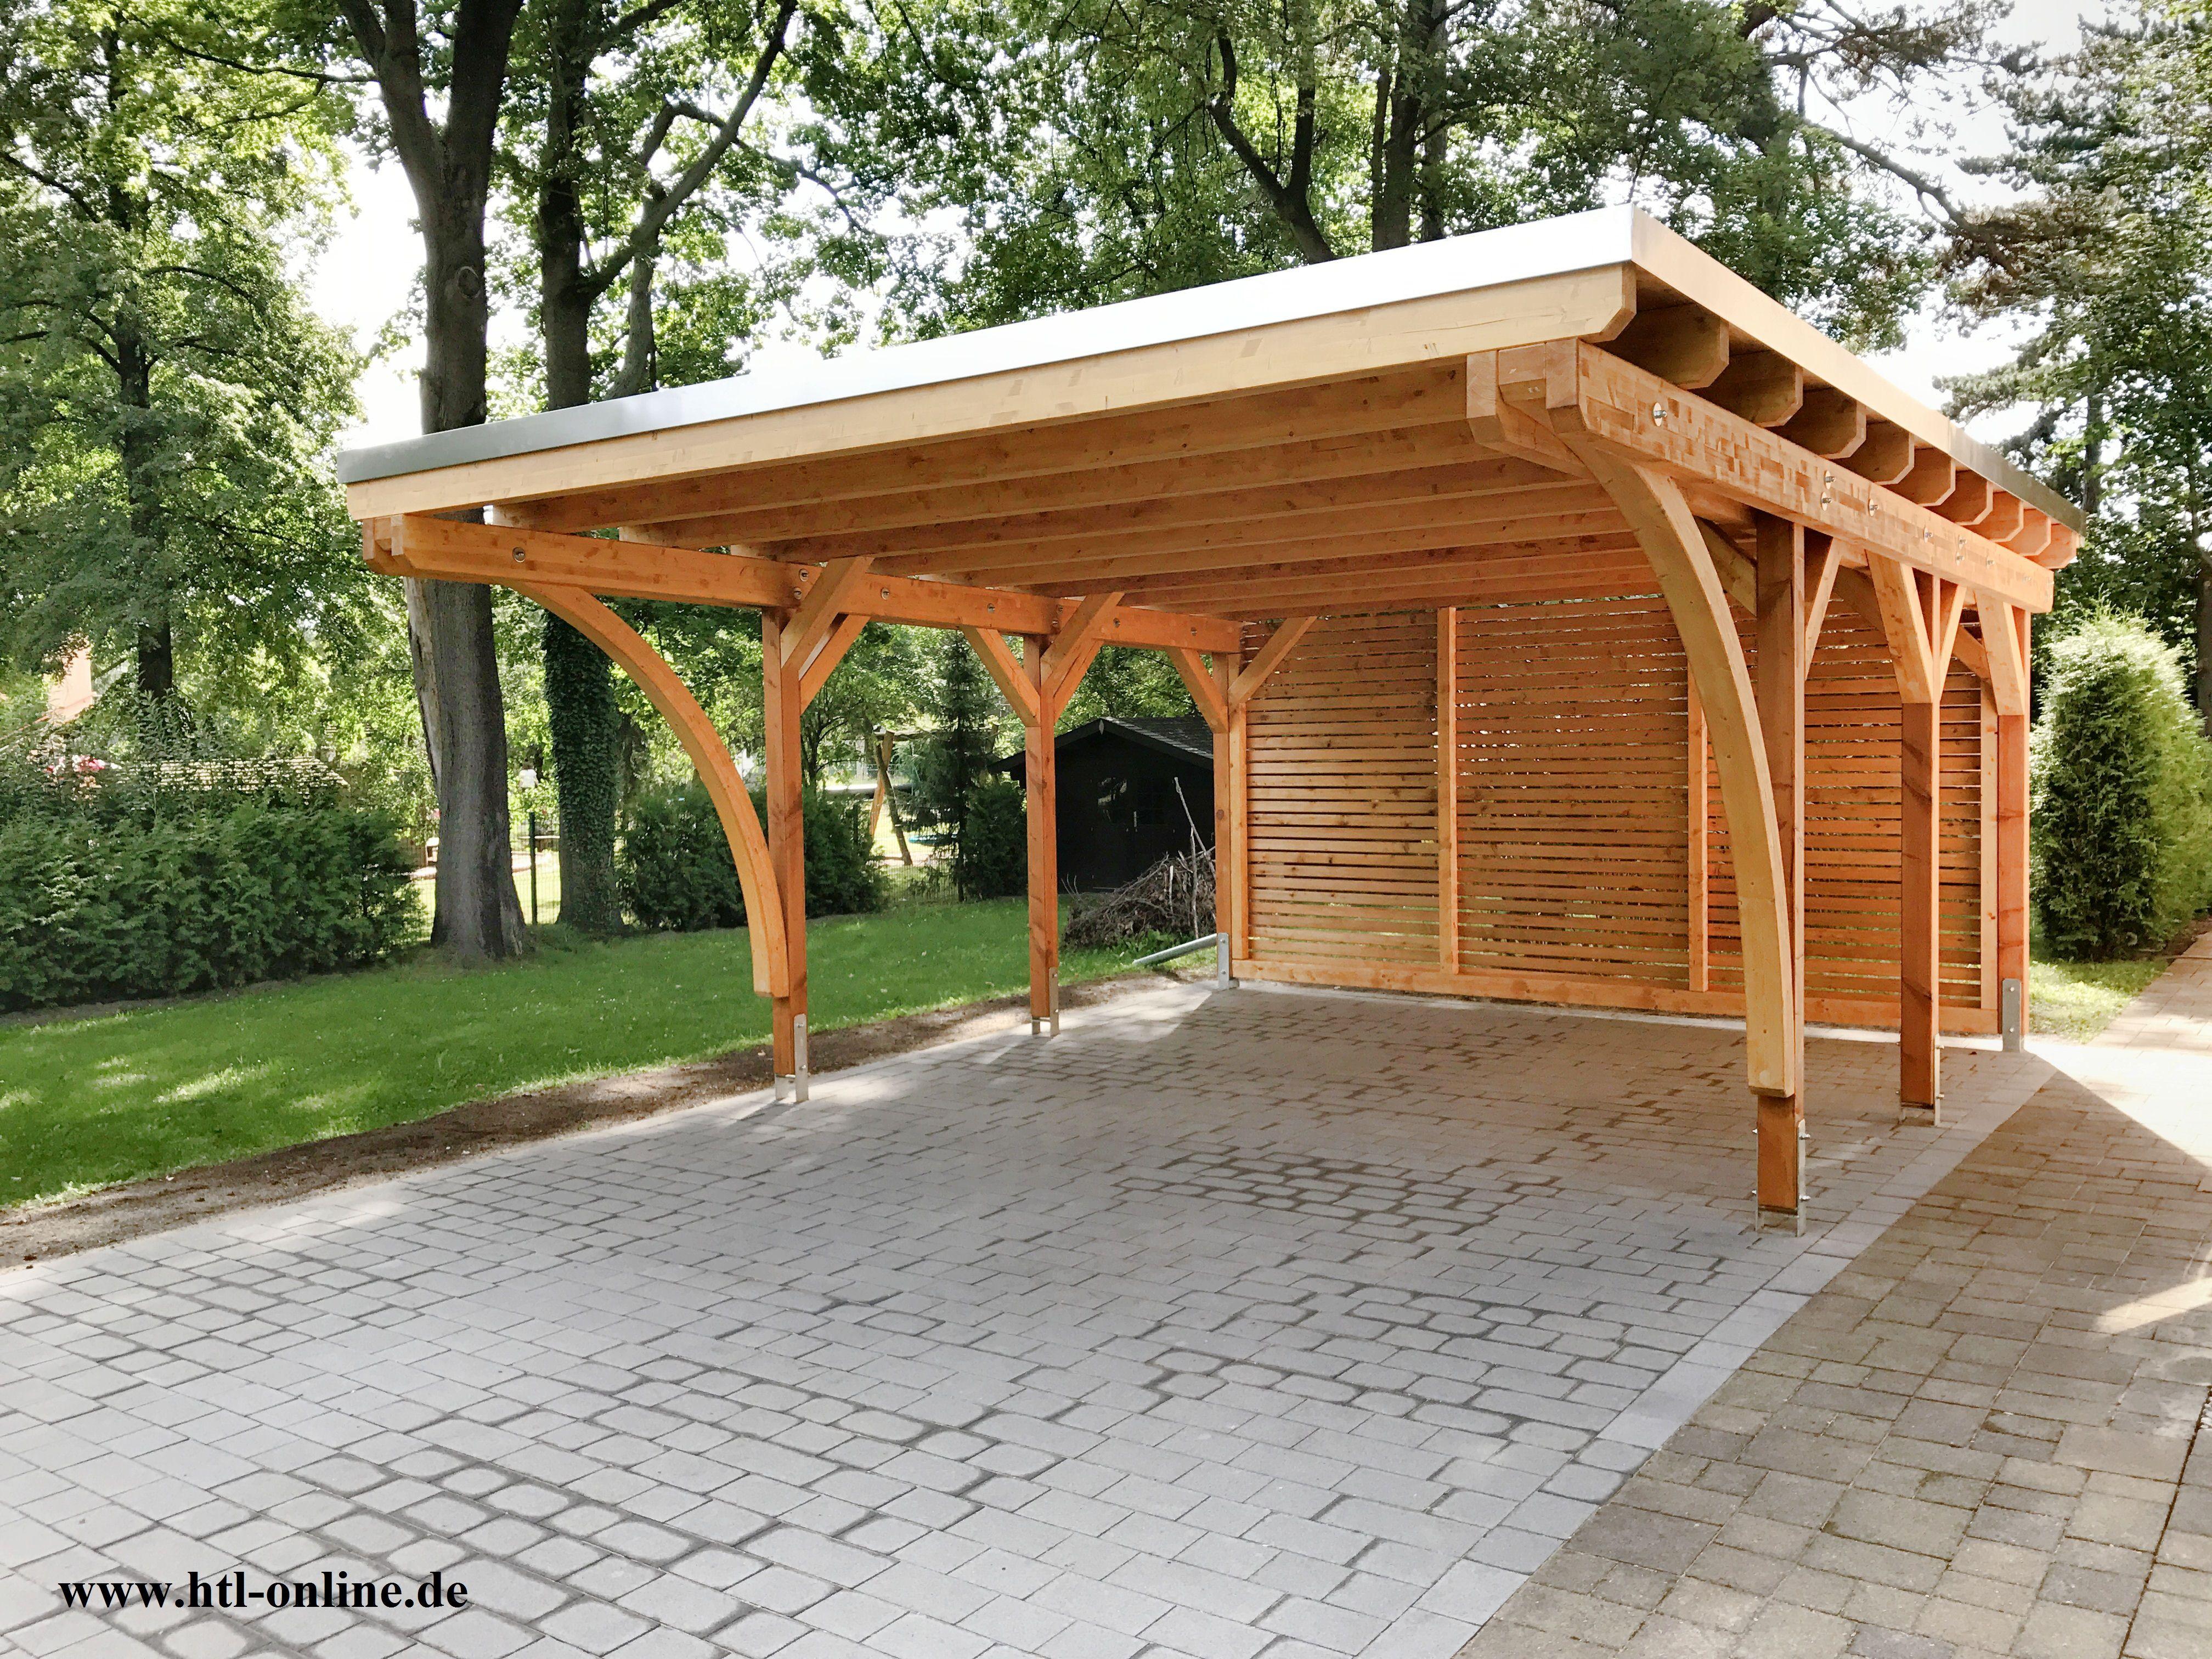 Carport Aus Holz Htl Holztechnik Holz Arbeit Mit Holz Carport Aus Holz Carport Holz Carports Carport